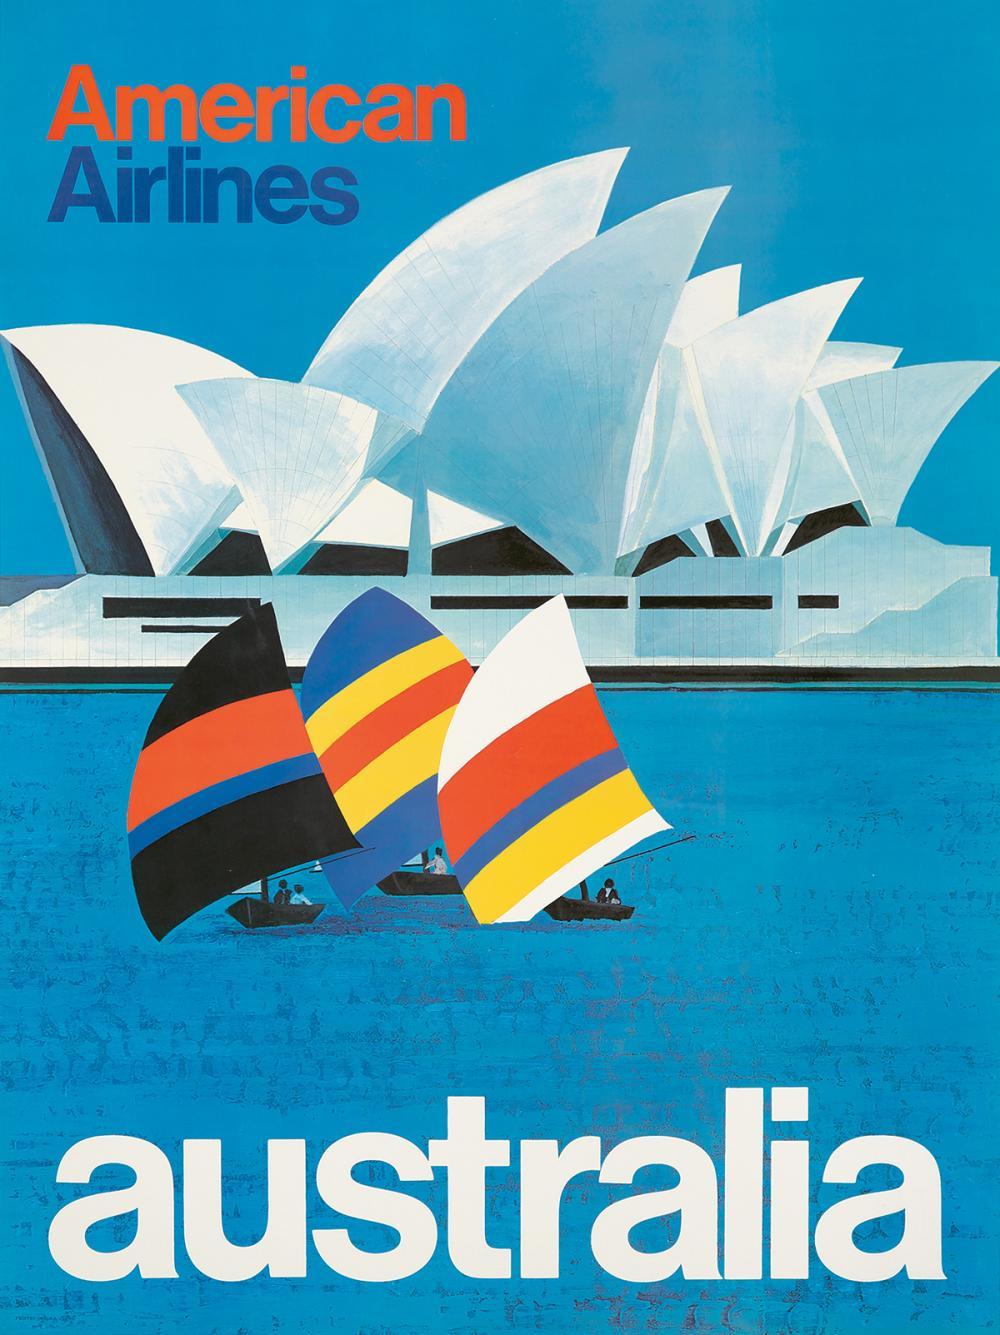 American Airlines / Australia. ca. 1969.